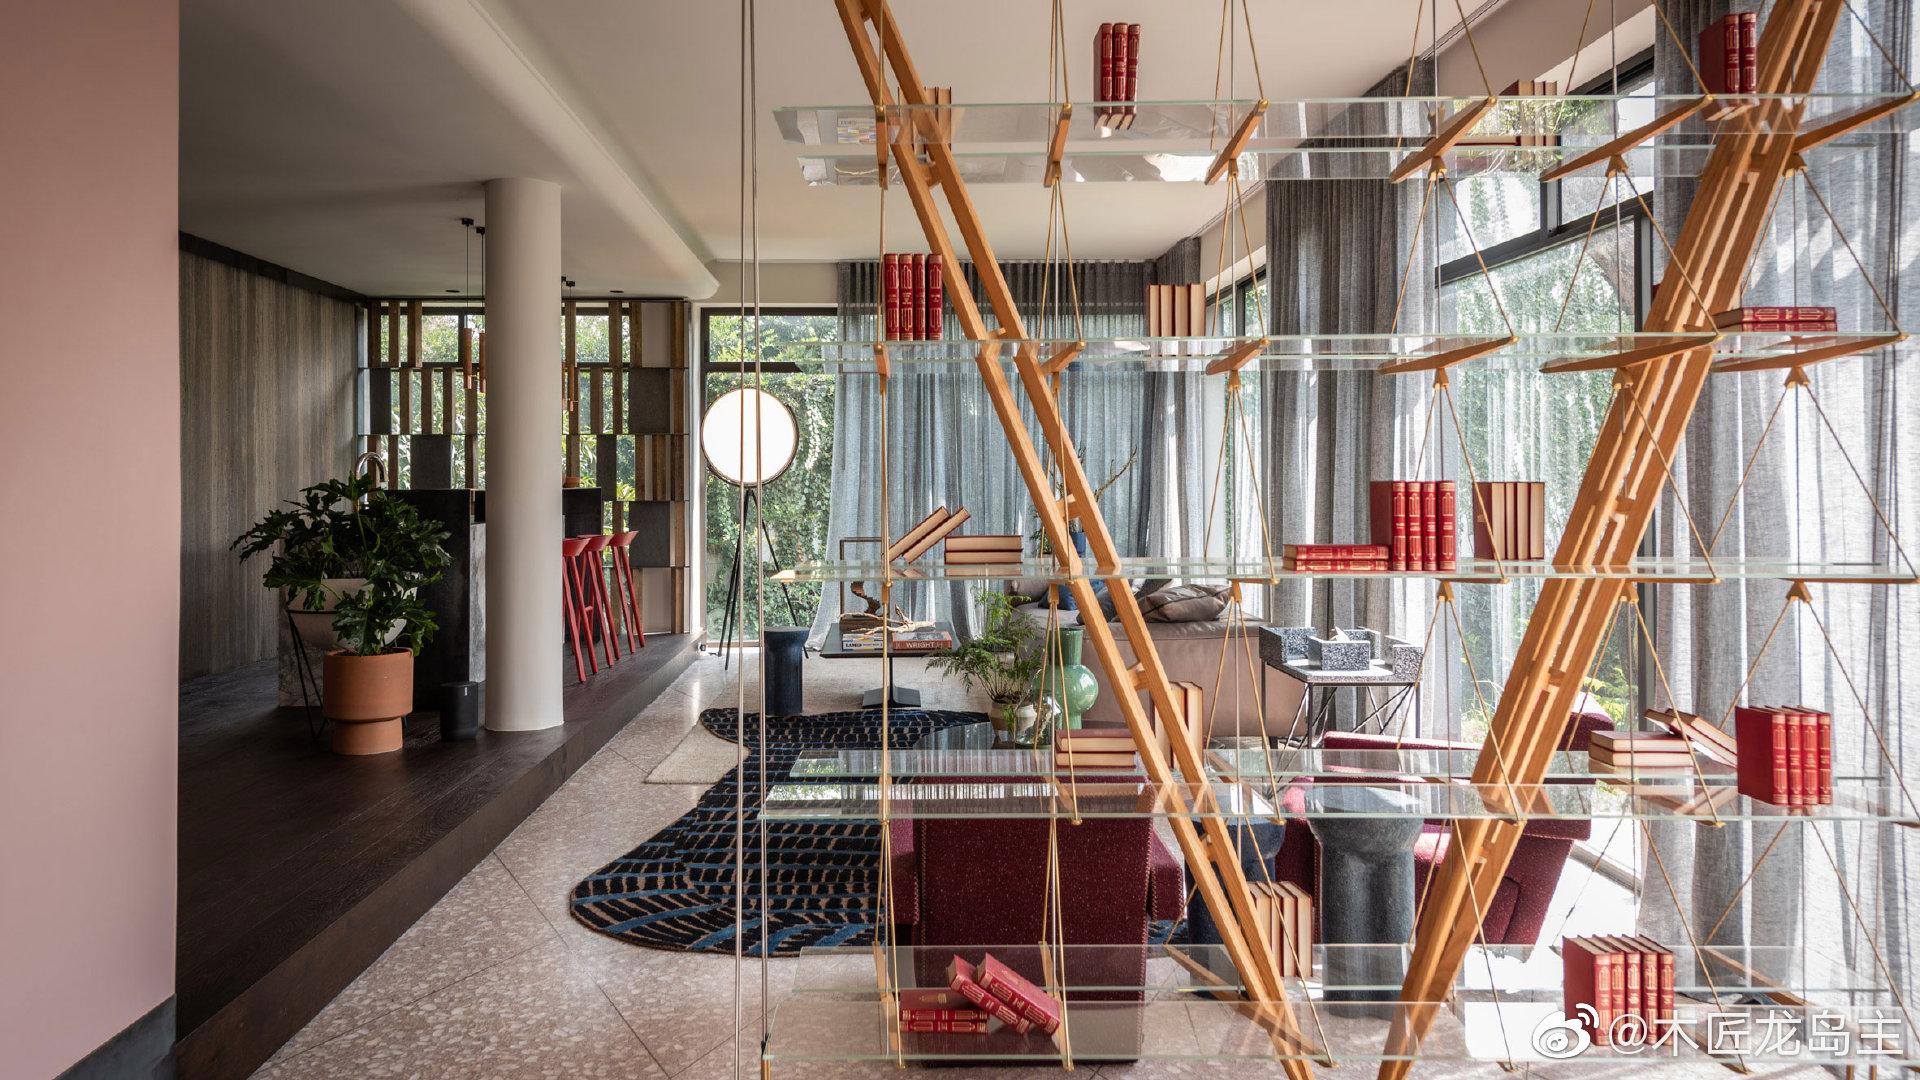 墨西哥城工作室为墨西哥设计周重新设计了20世纪40年代的房子   墨西